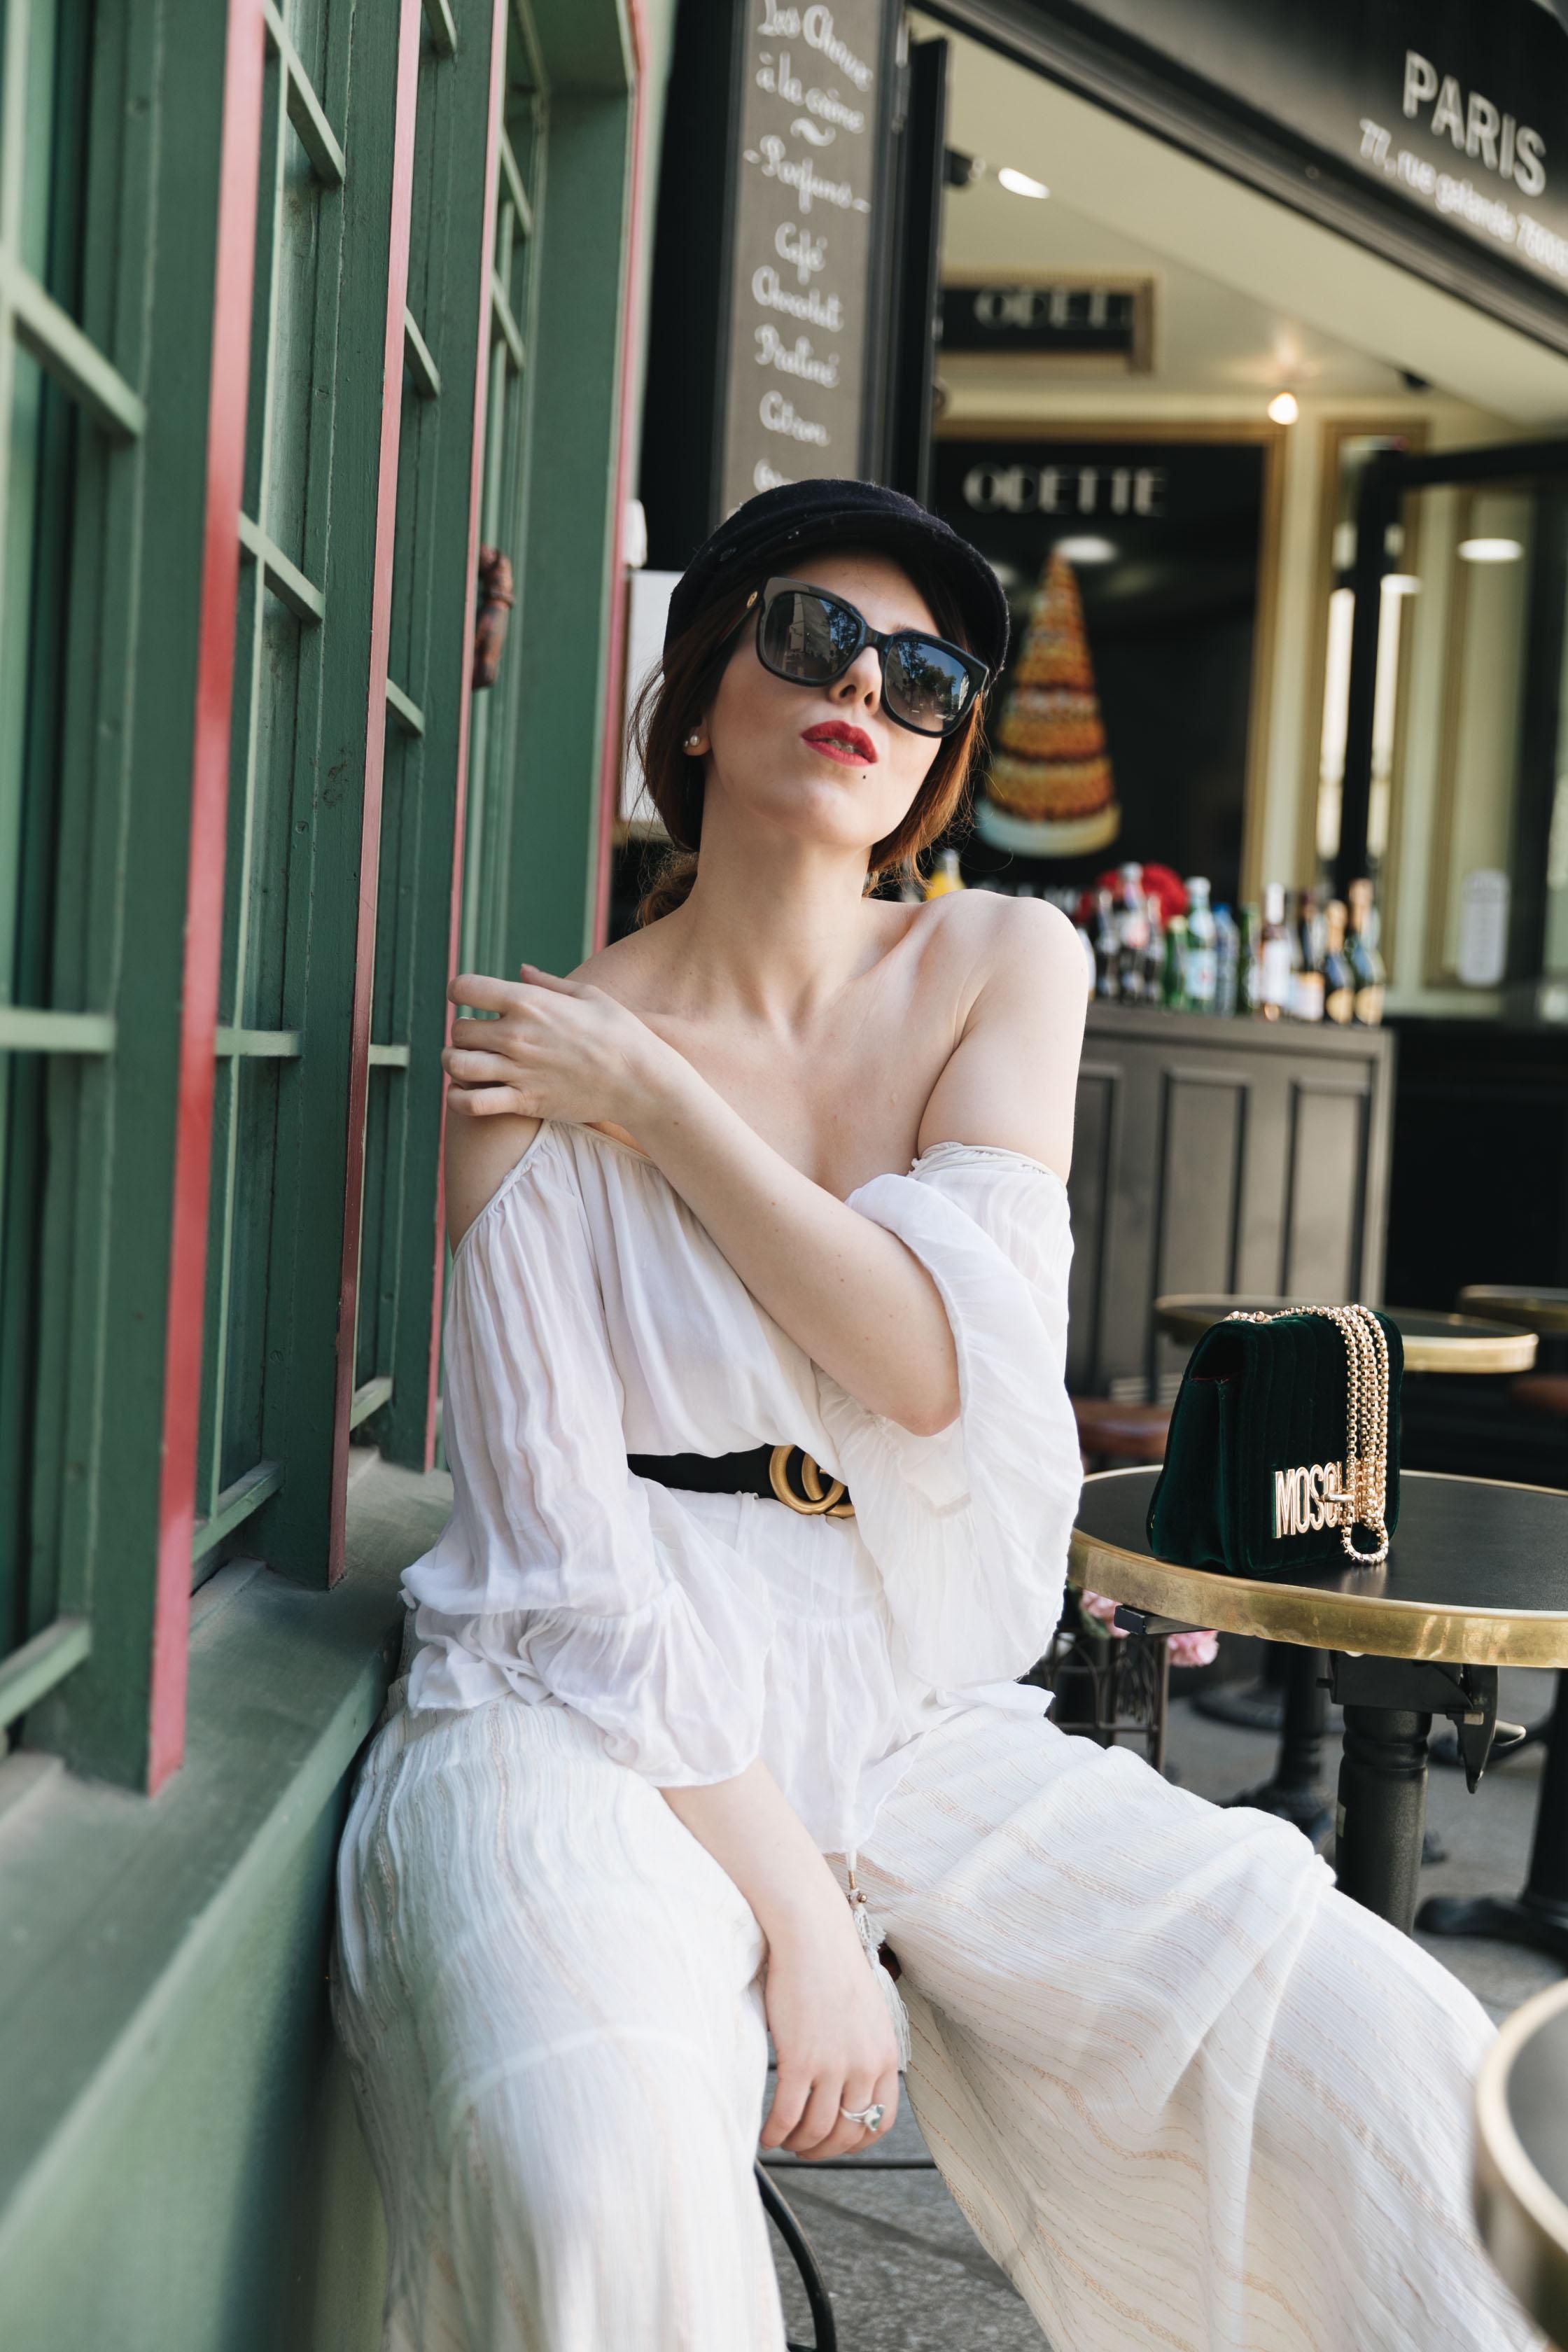 trench orange pantalon oversize tenue mode patisserie Odette Paris saint michel charlie sugar town